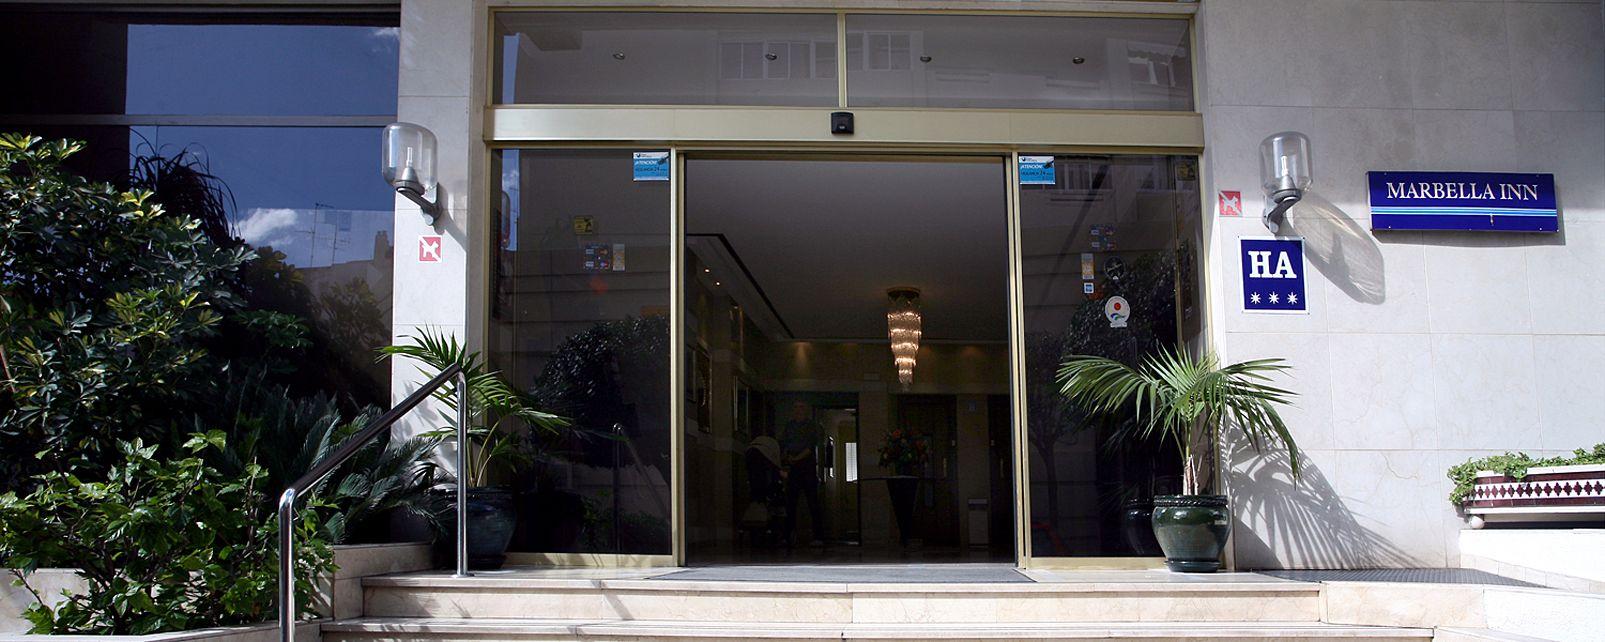 Hôtel Marbella Inn